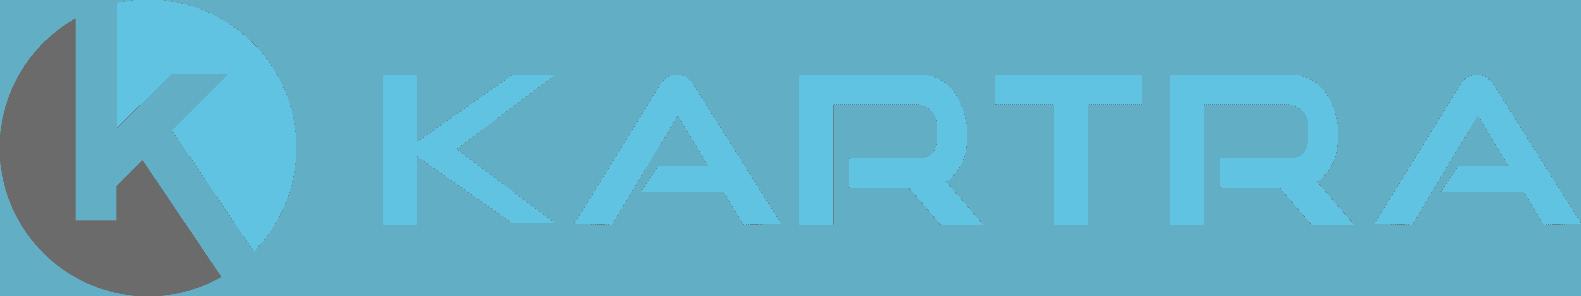 kartra logo review